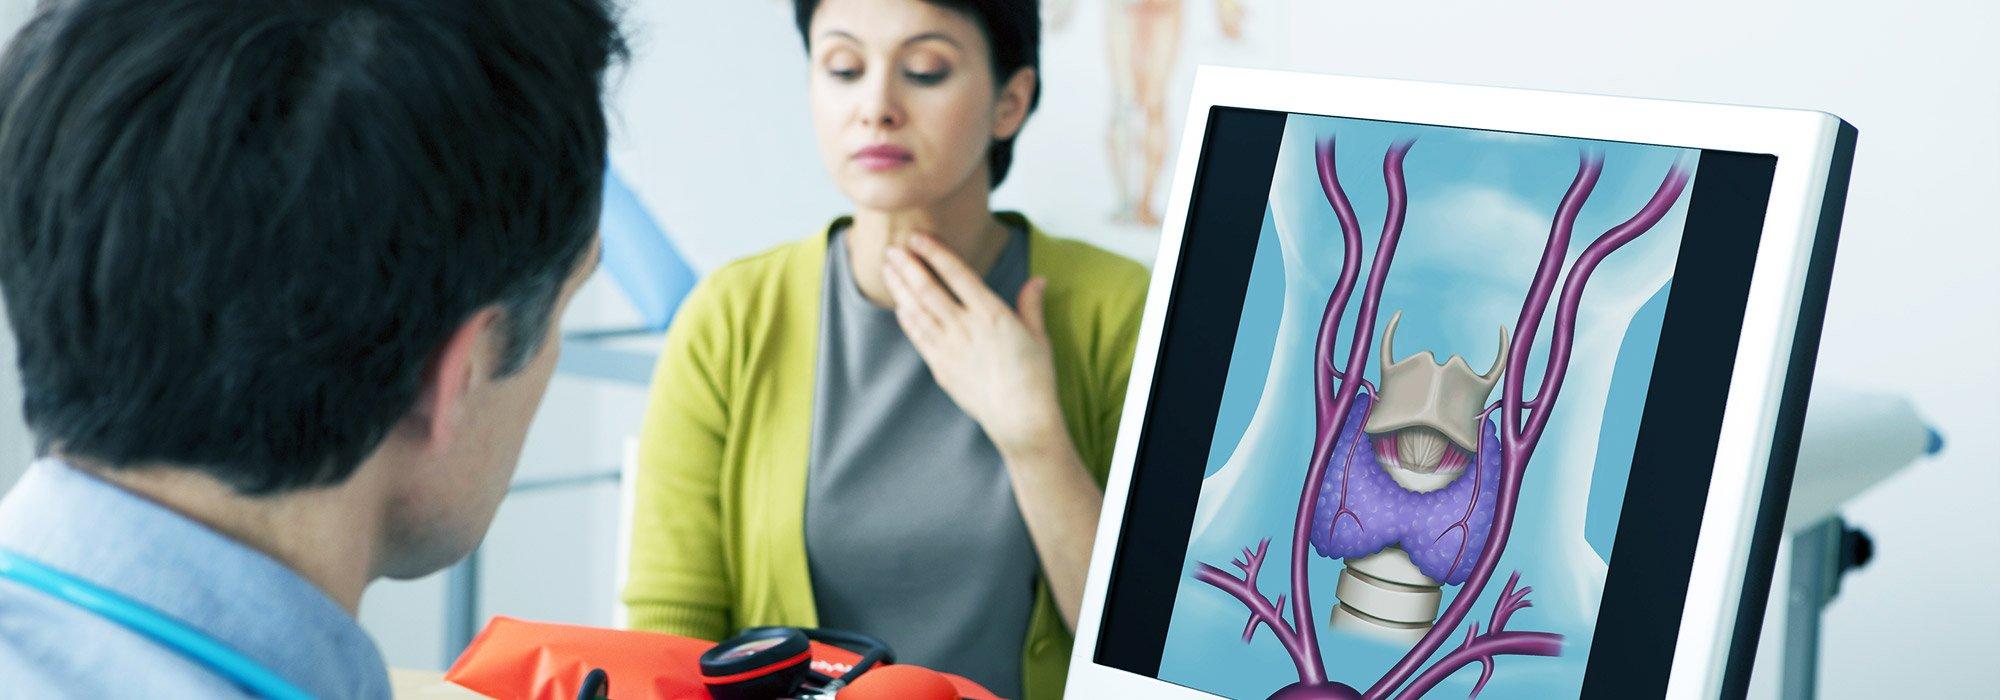 Endokrynologia warszawa, tarczyca, Hashimoto, niedoczynność tarczycy, biopsja, usg tarczycy, choroba Cushinga